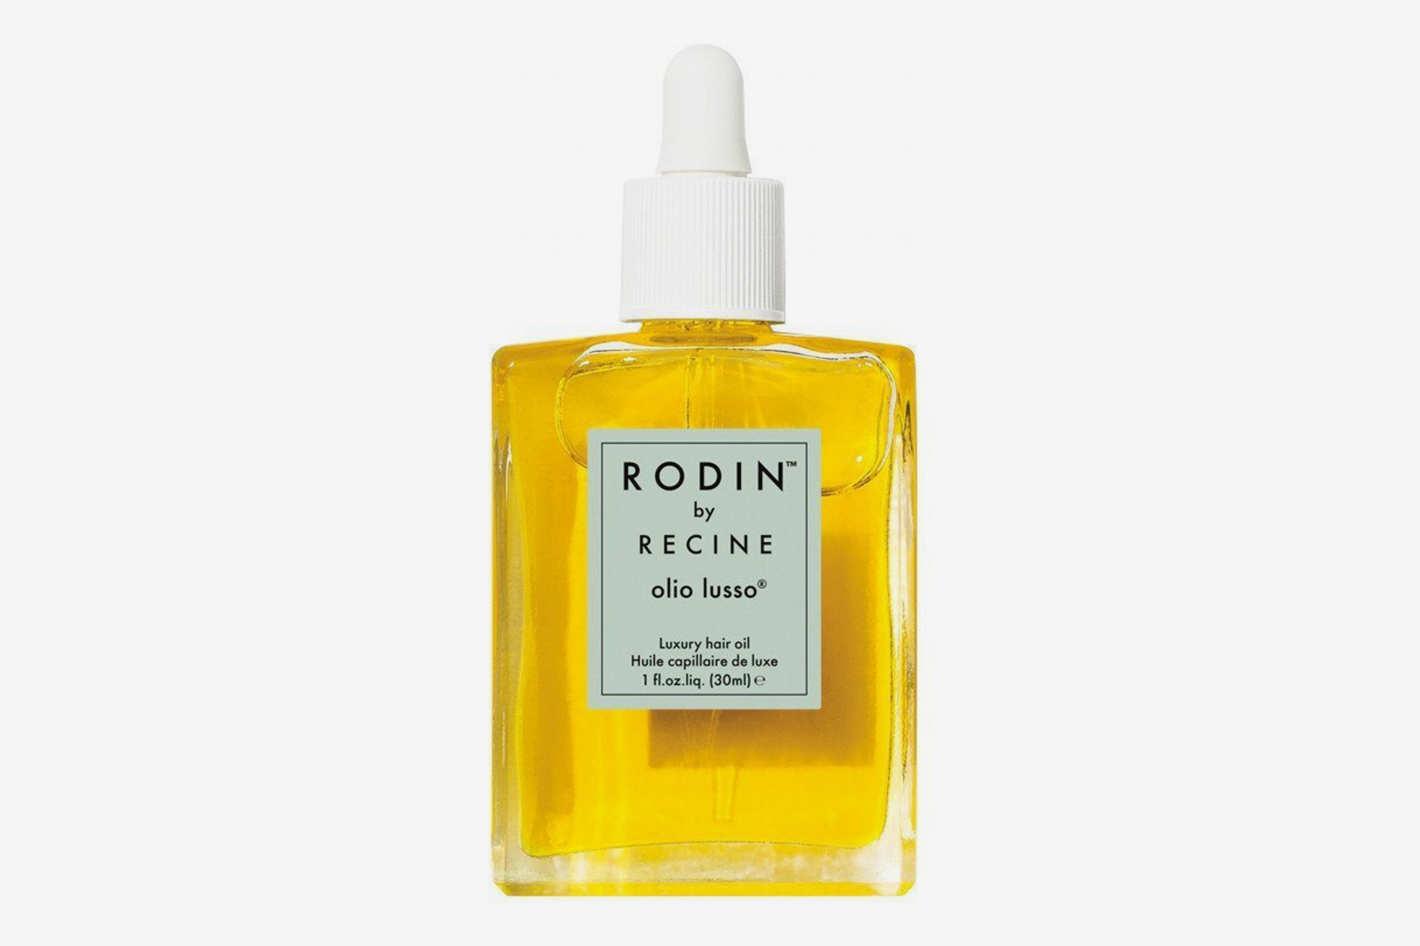 RODIN by Recine Luxury Hair Oil